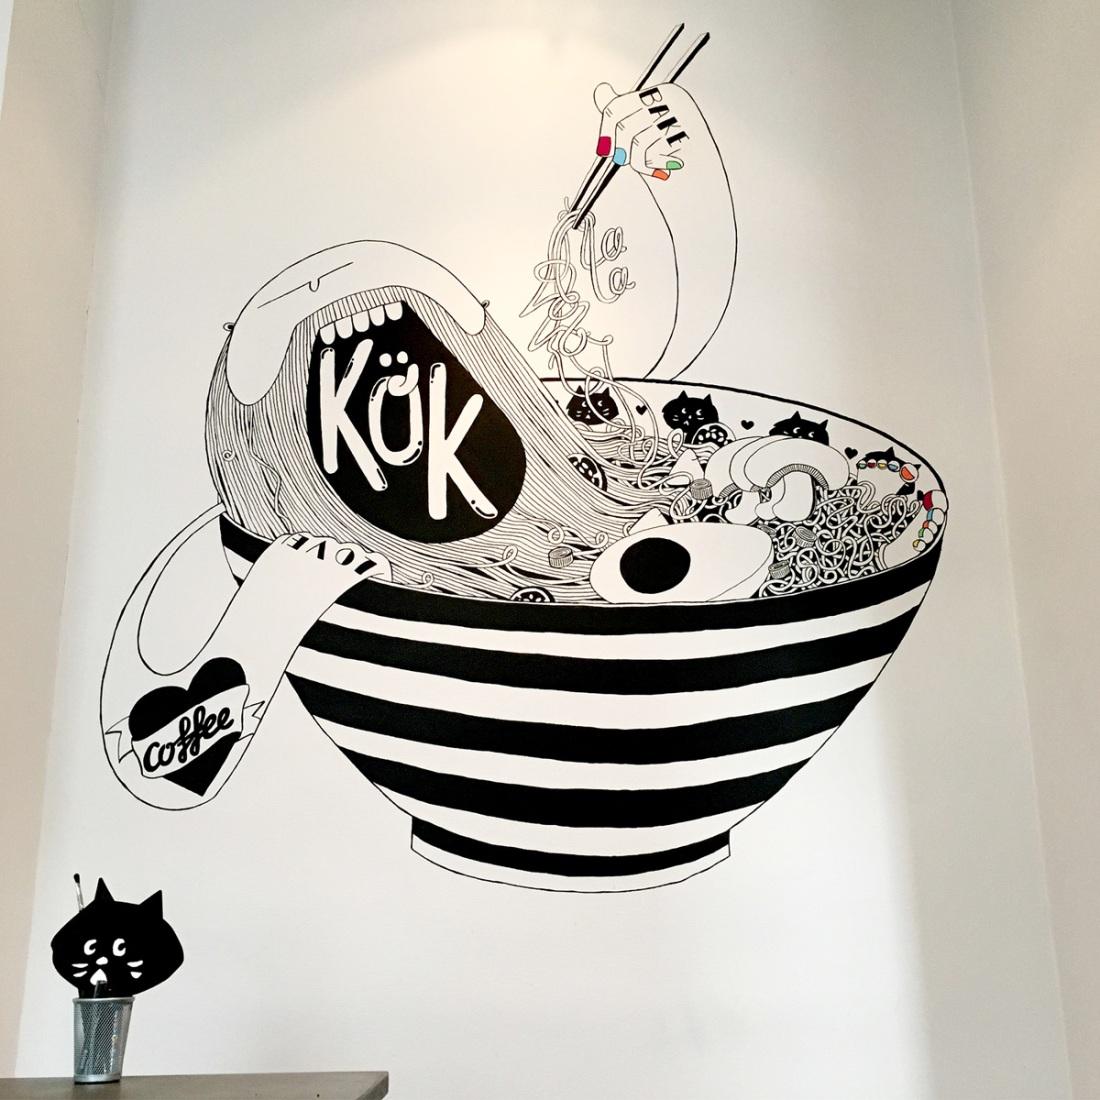 kokmural